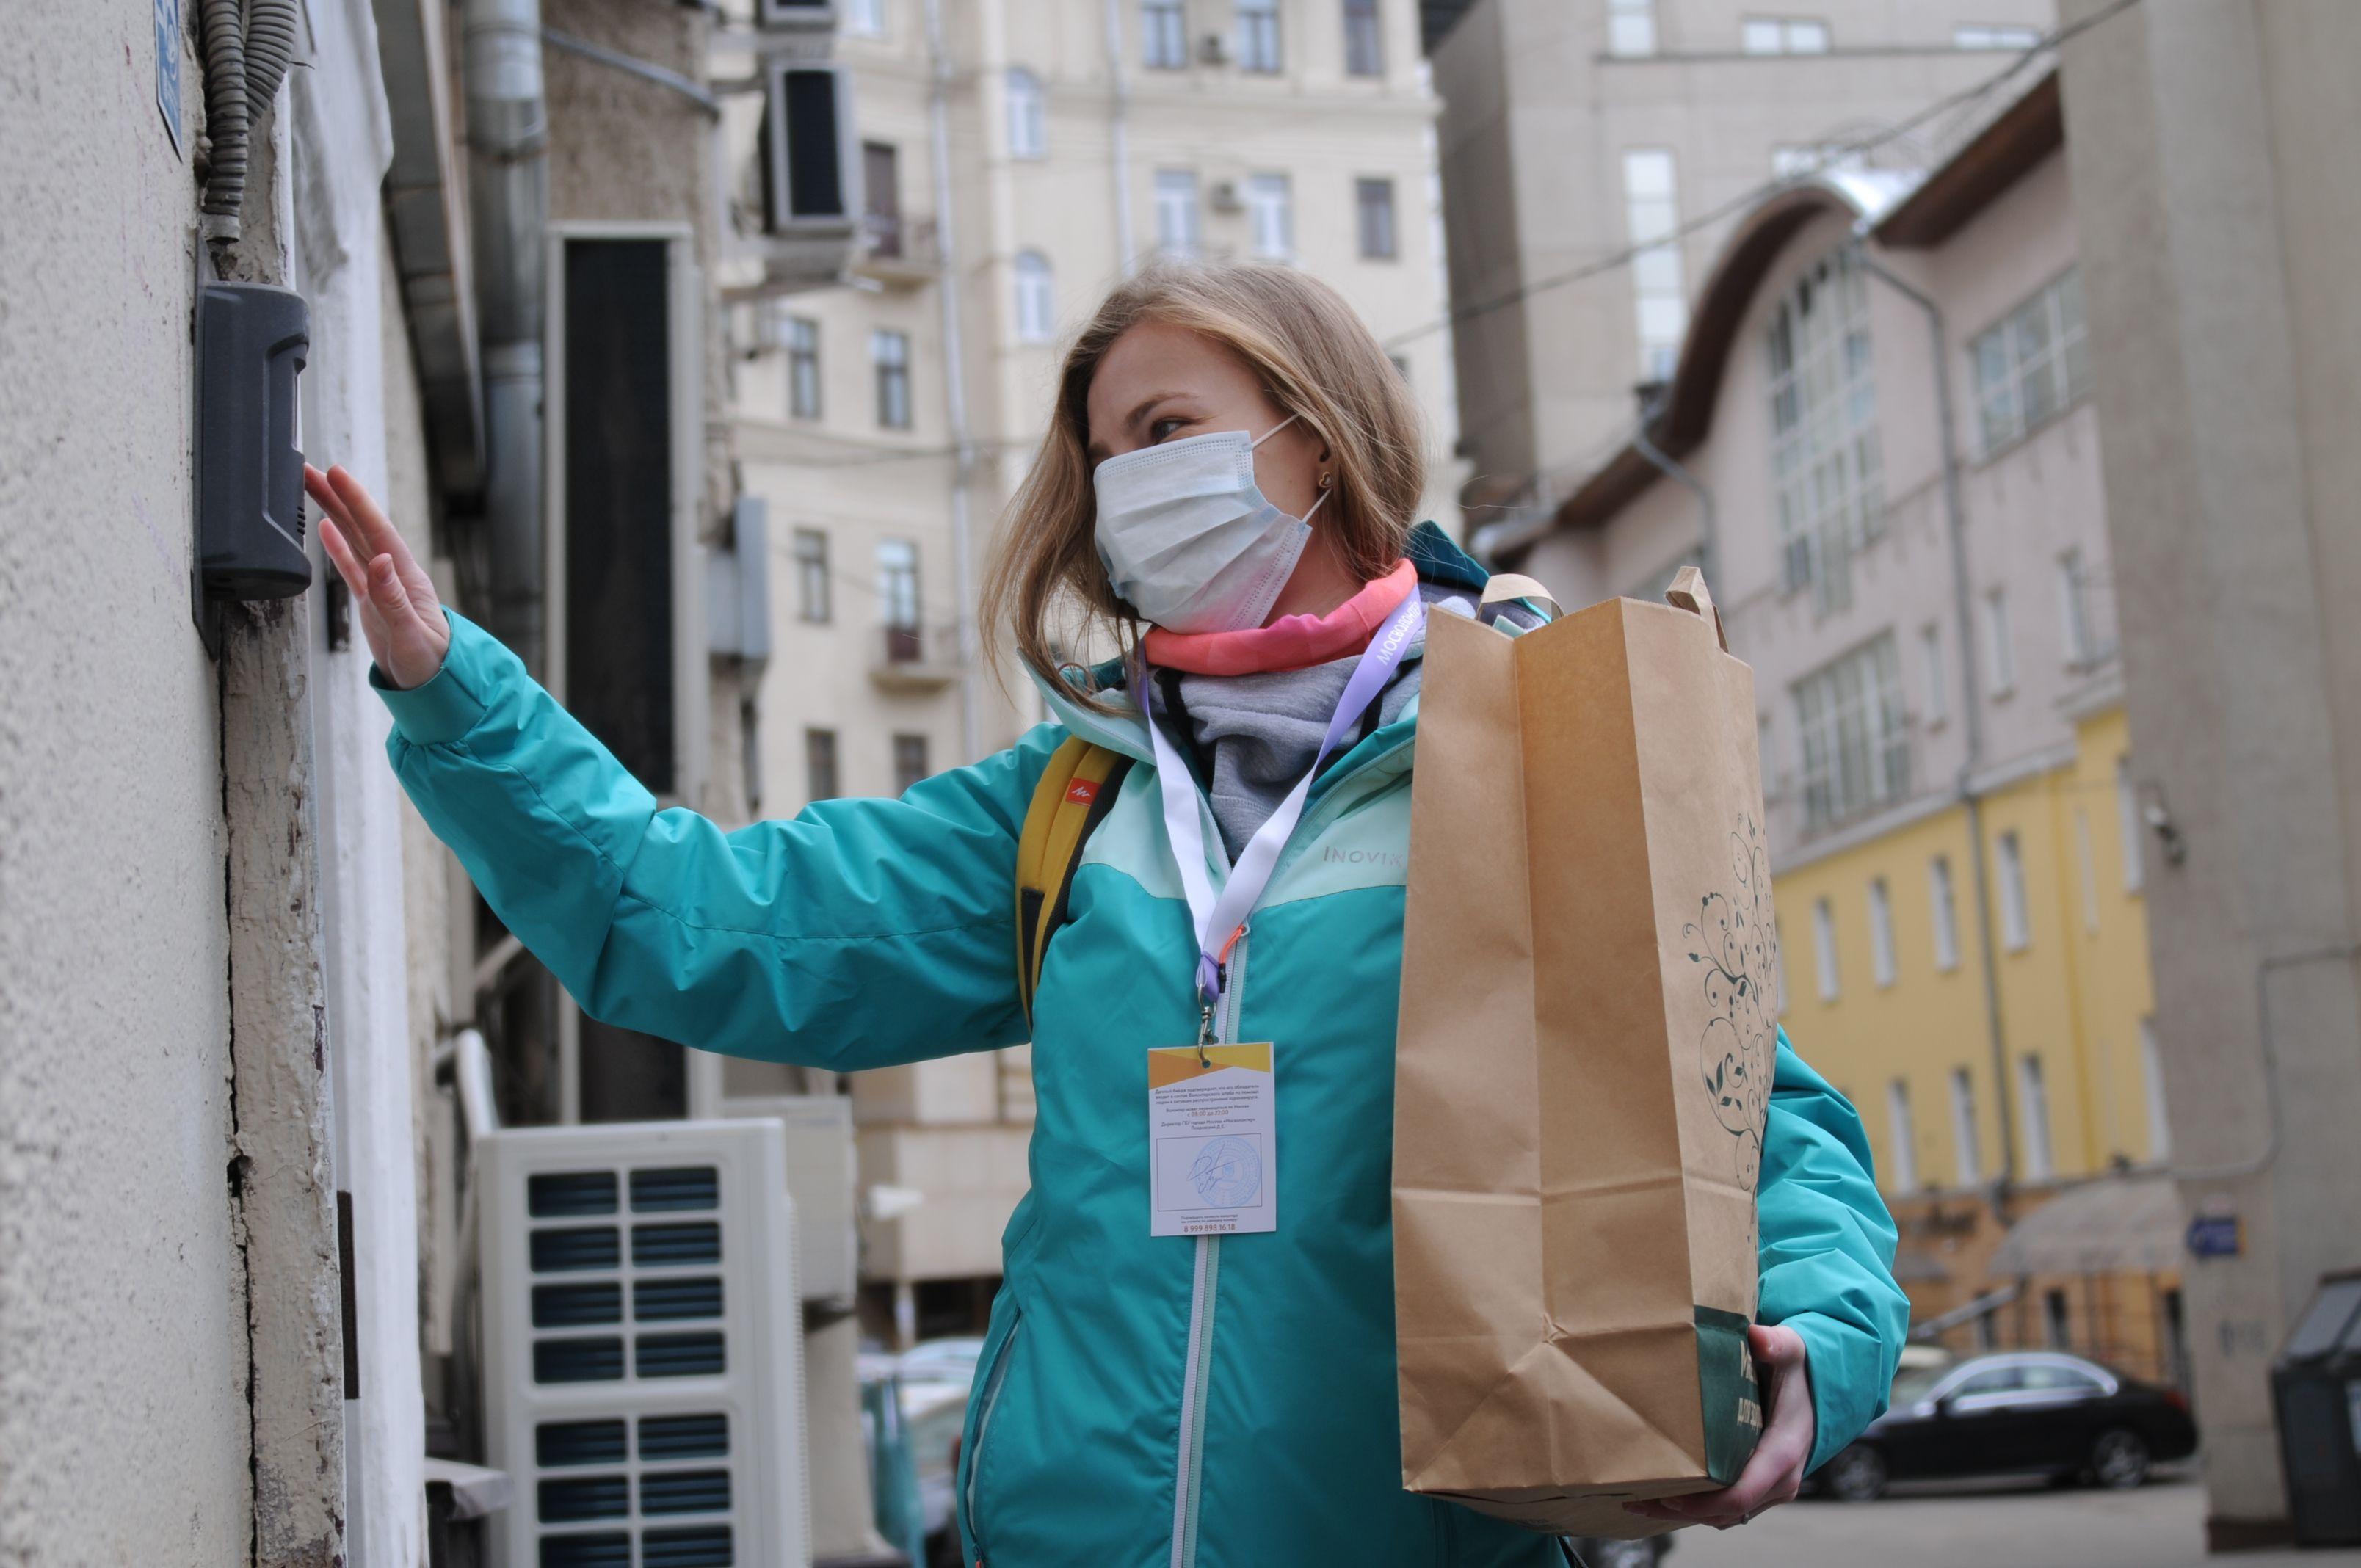 Волонтеры доставили пенсионерам более 20 тонн продуктов в Москве